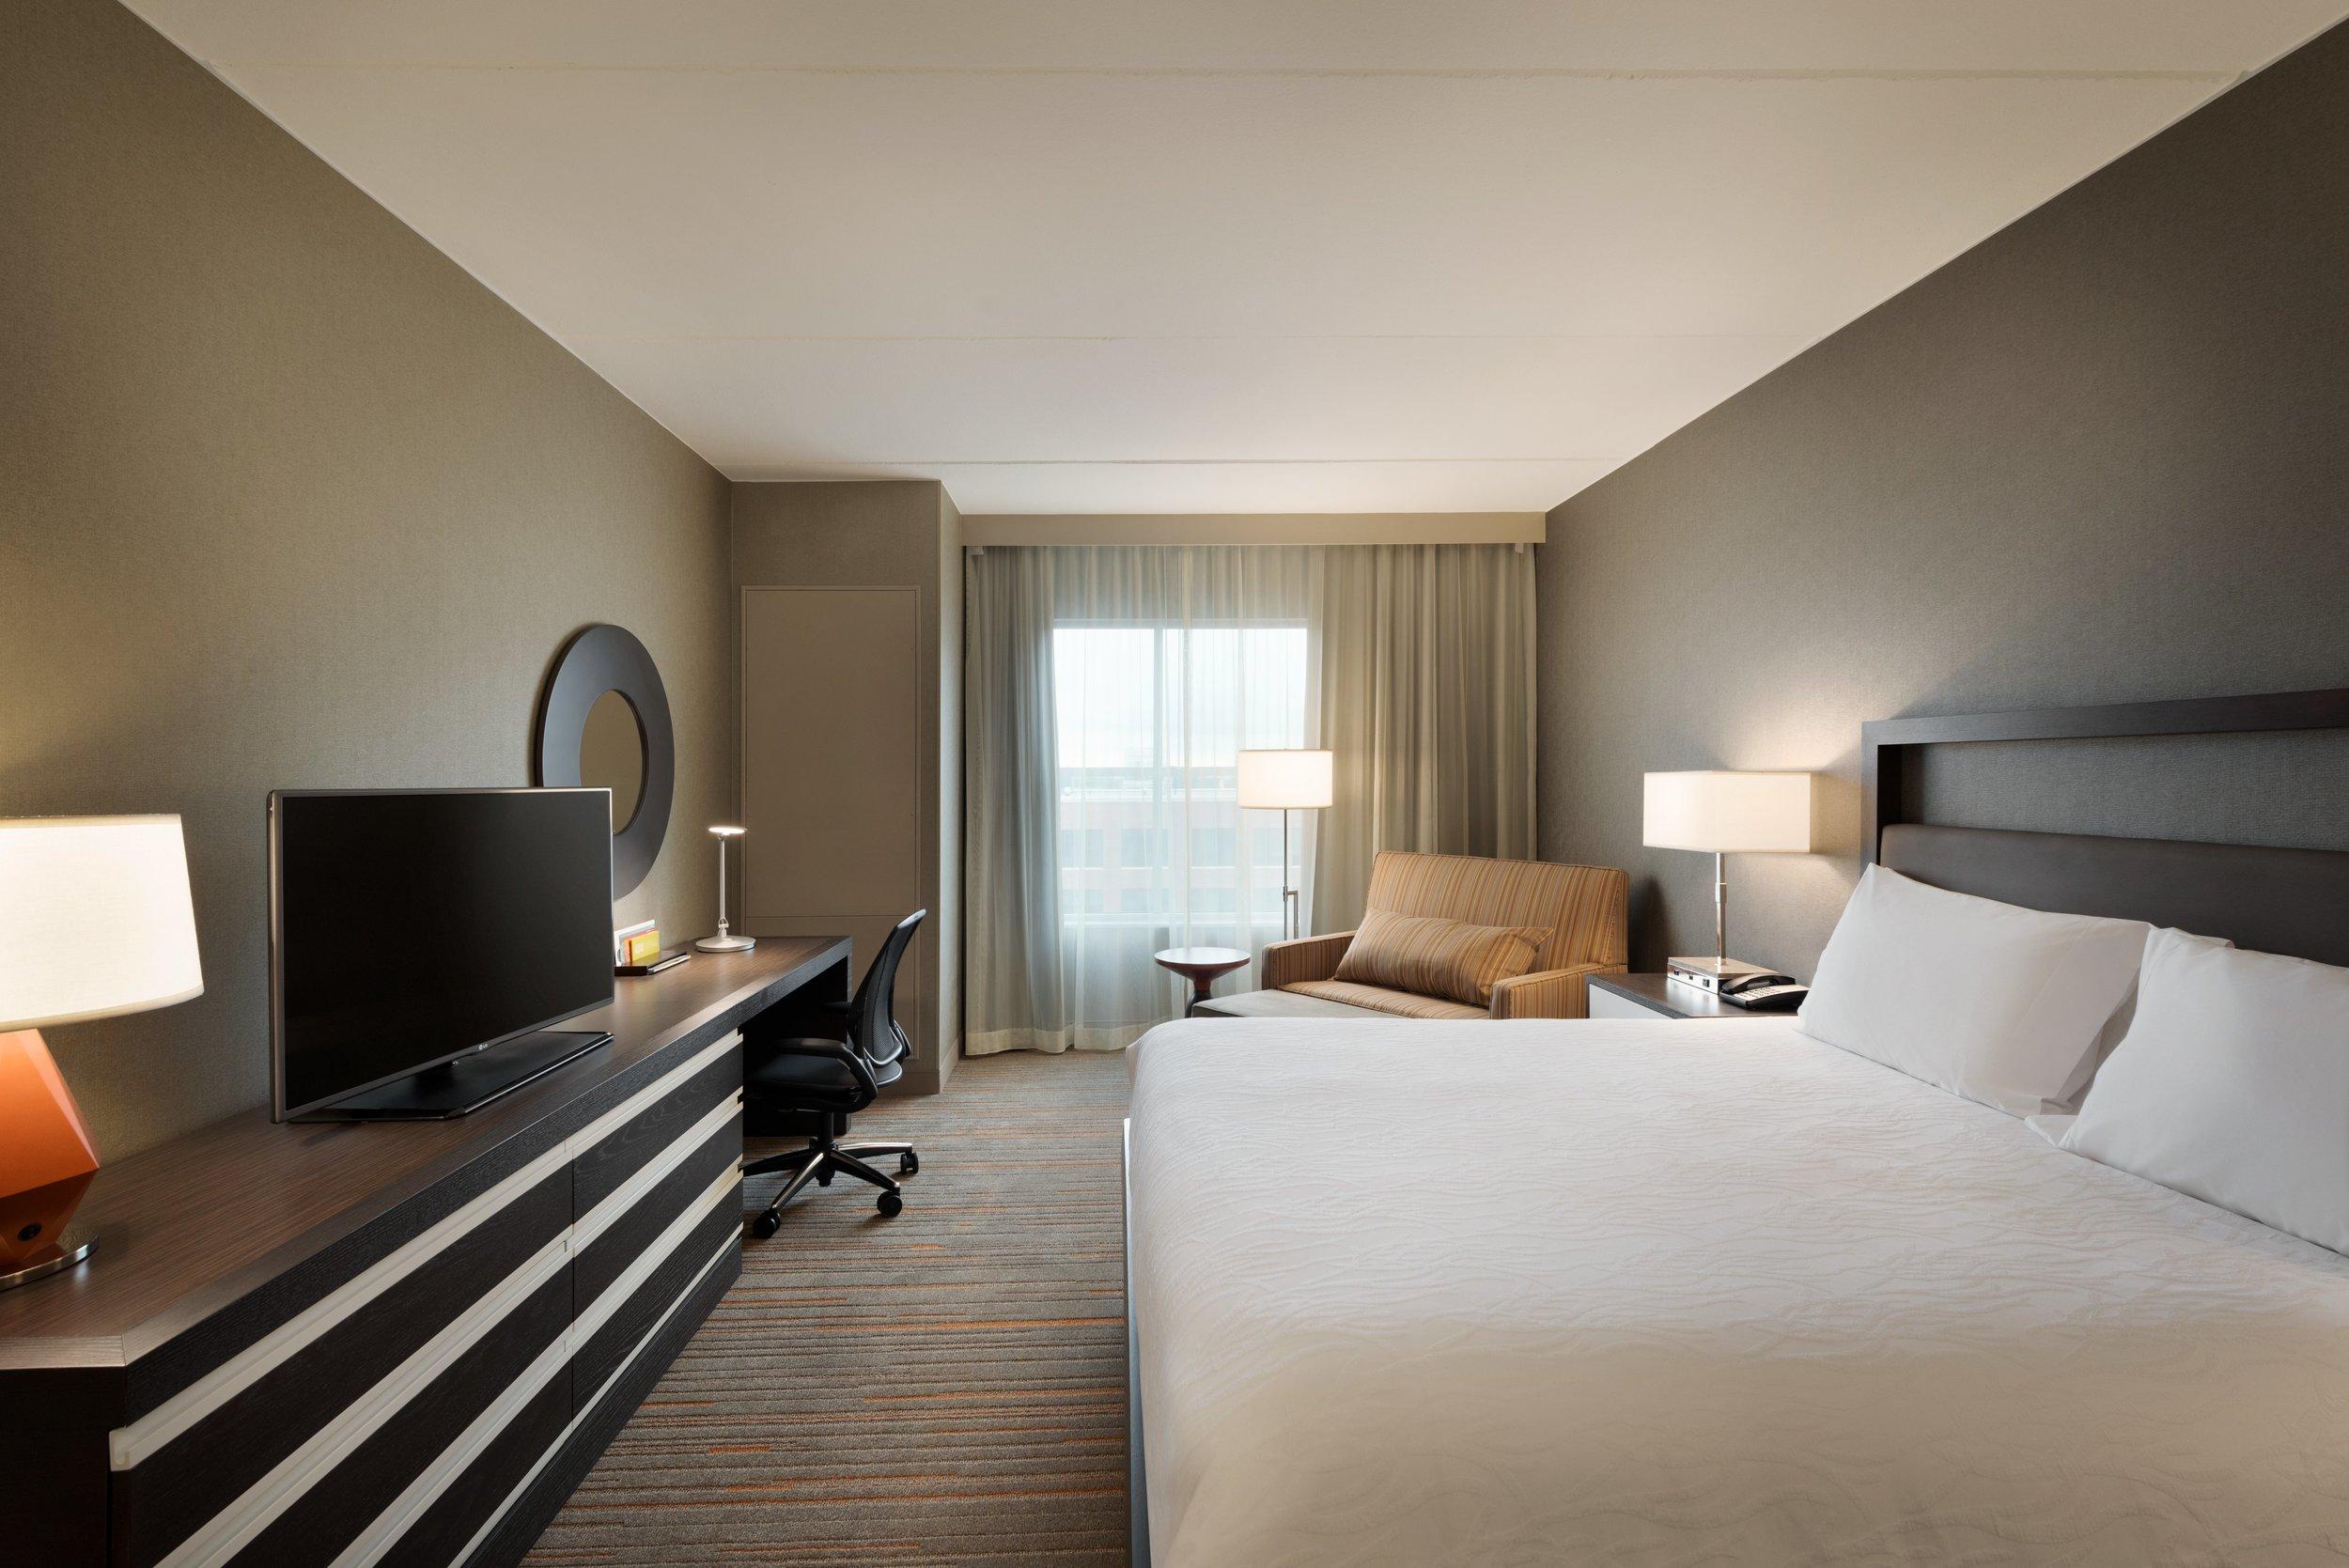 Hilton Garden Inn Rochester University & Medical Center - 1 King Guestroom - 1049729.jpg